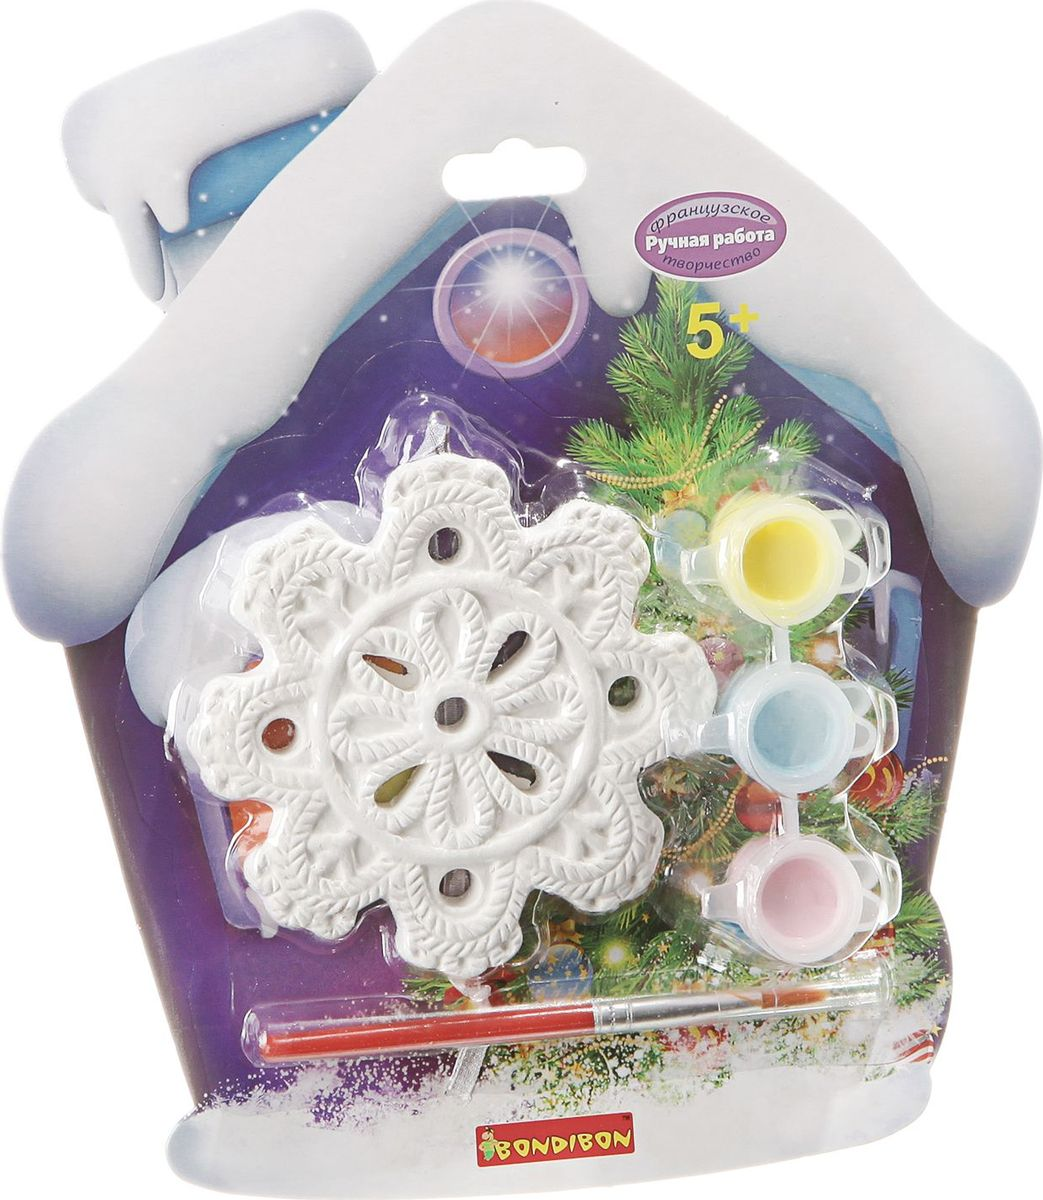 Bondibon Набор для изготовления игрушек Ёлочные украшения Снежинка ВВ1655 bondibon набор для изготовления игрушек ёлочные украшения вв1688